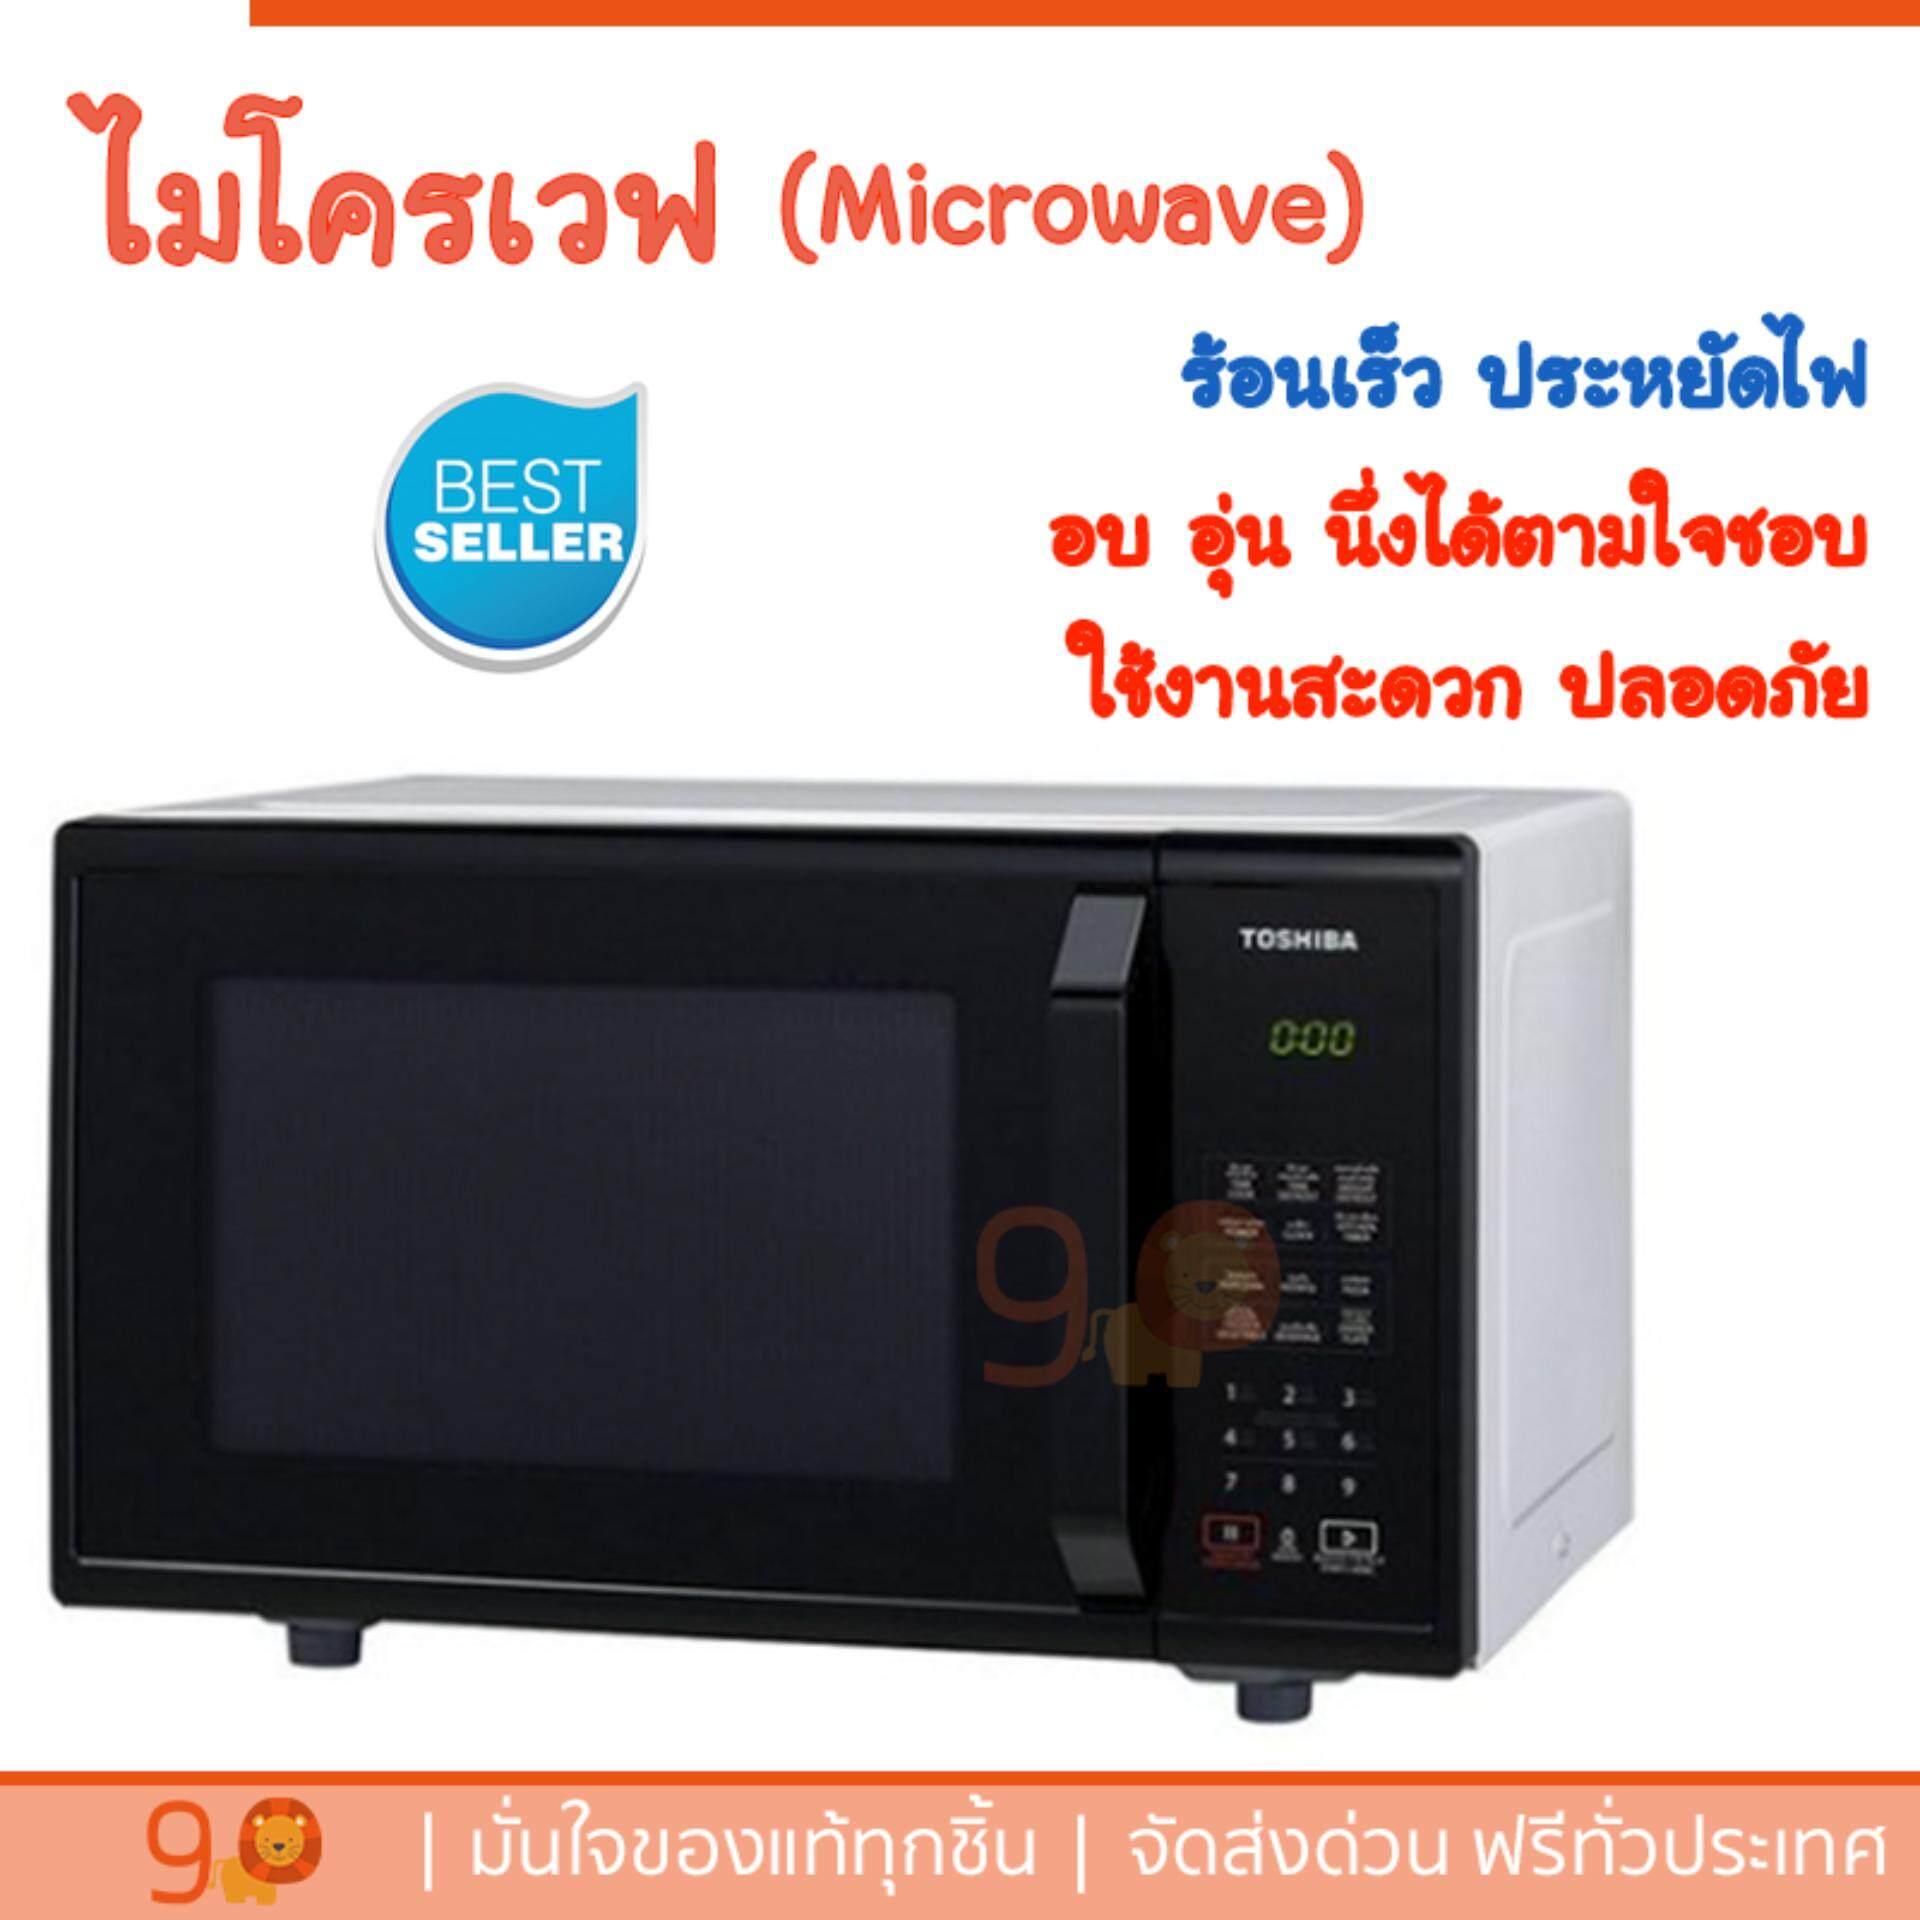 รุ่นใหม่ล่าสุด ไมโครเวฟ เตาอบไมโครเวฟ ไมโครเวฟ DIGITAL TOSHIBA ER-SS23(K)TH 23L | TOSHIBA | ER-SS23(K)TH ปรับระดับความร้อนได้หลายระดับ มีฟังก์ชันละลายน้ำแข็ง ใช้งานง่าย Microwave จัดส่งฟรีทั่วประเทศ